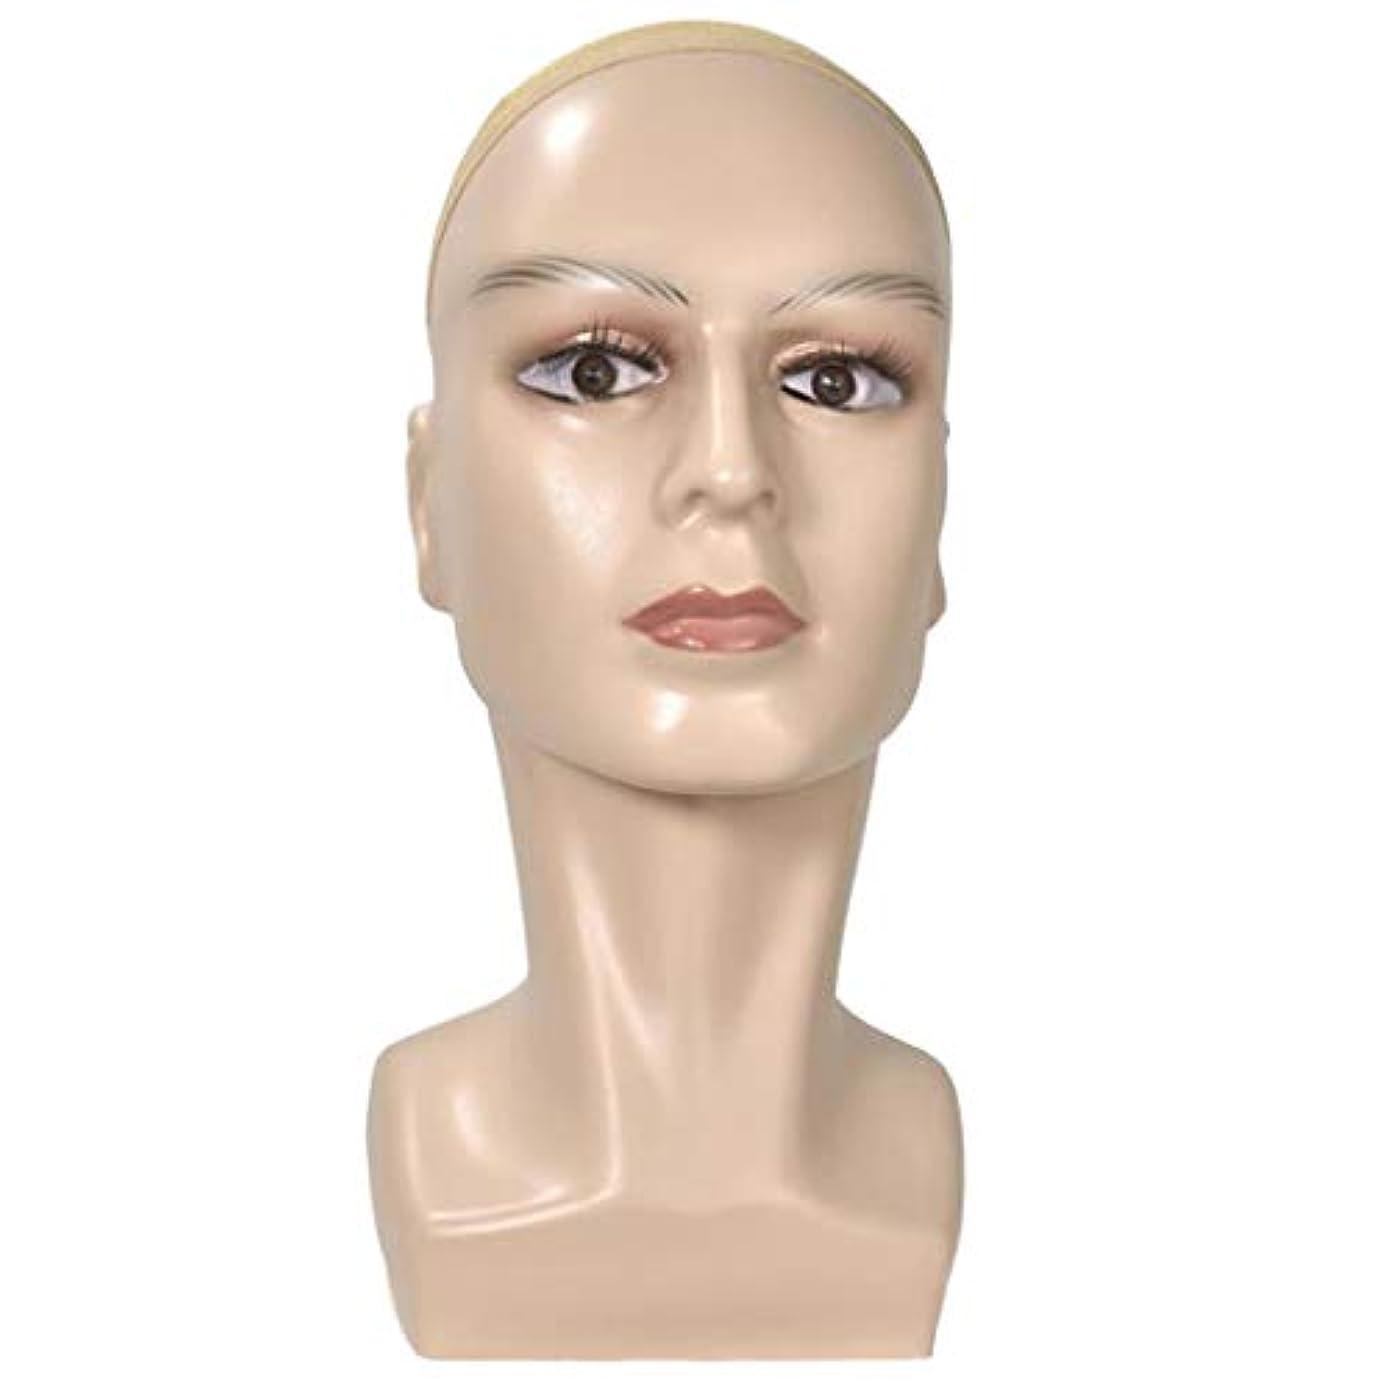 騒乱式またはマネキンヘッド メイク ウィッグ リアルな 女性 ライフサイズ かつら 帽子 ディスプレイ 全2色 - 肌の色